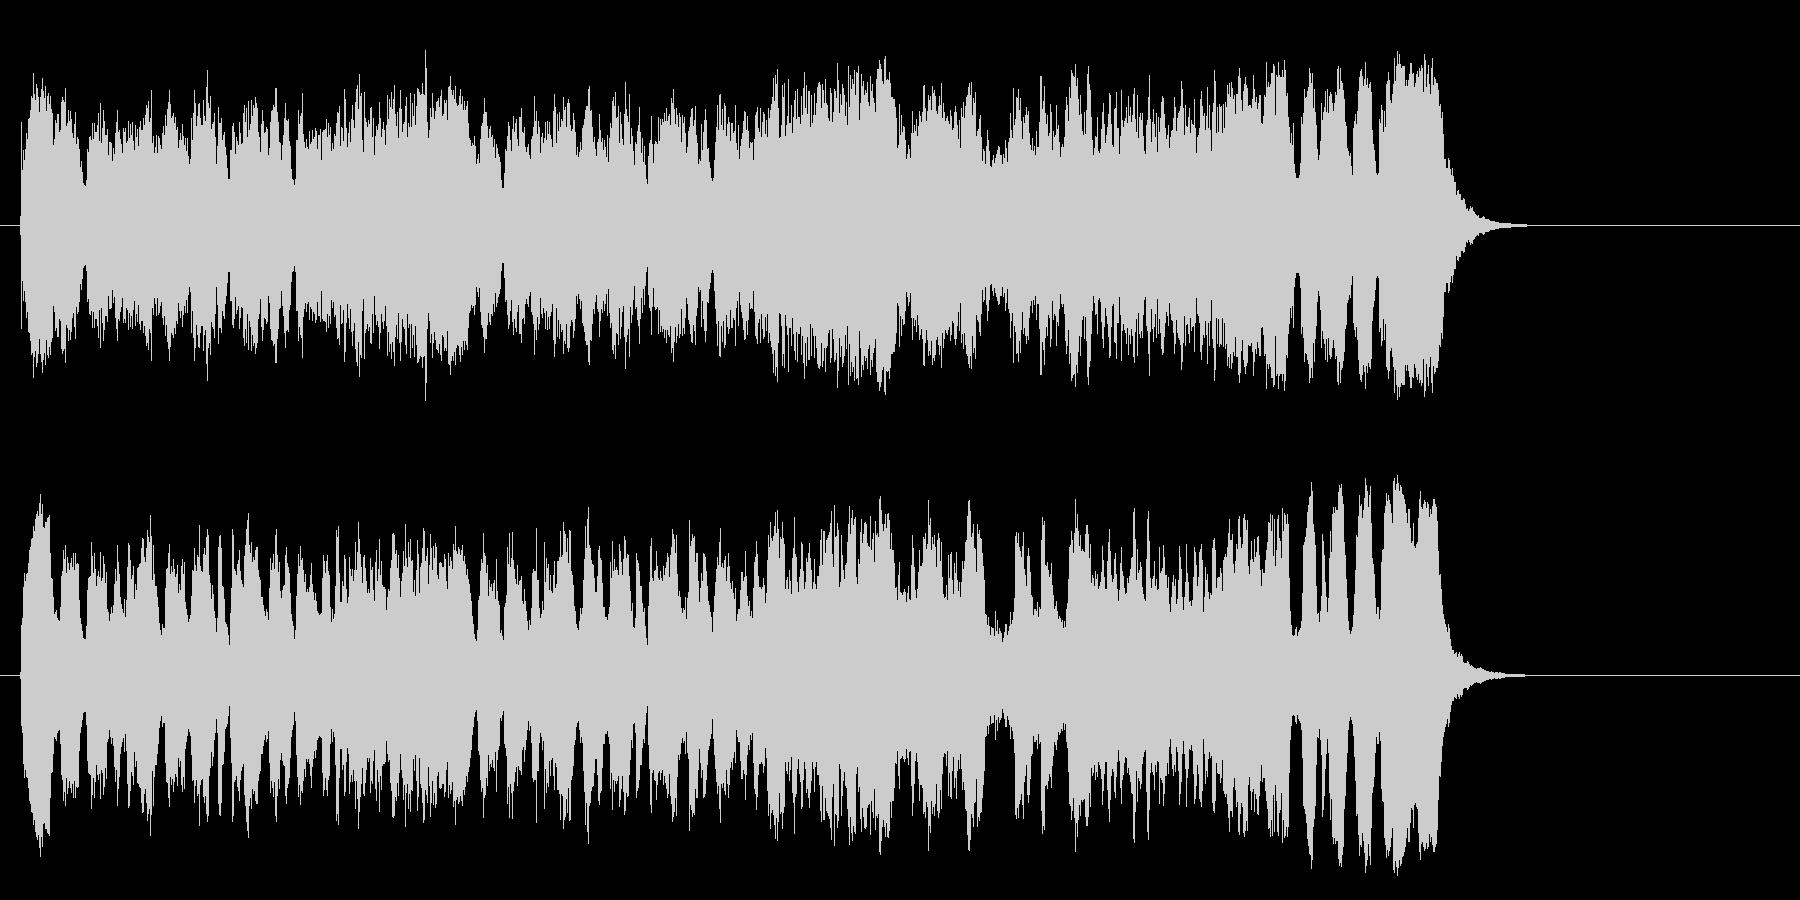 気品高いオーケストラ楽曲(サビ~エンド)の未再生の波形